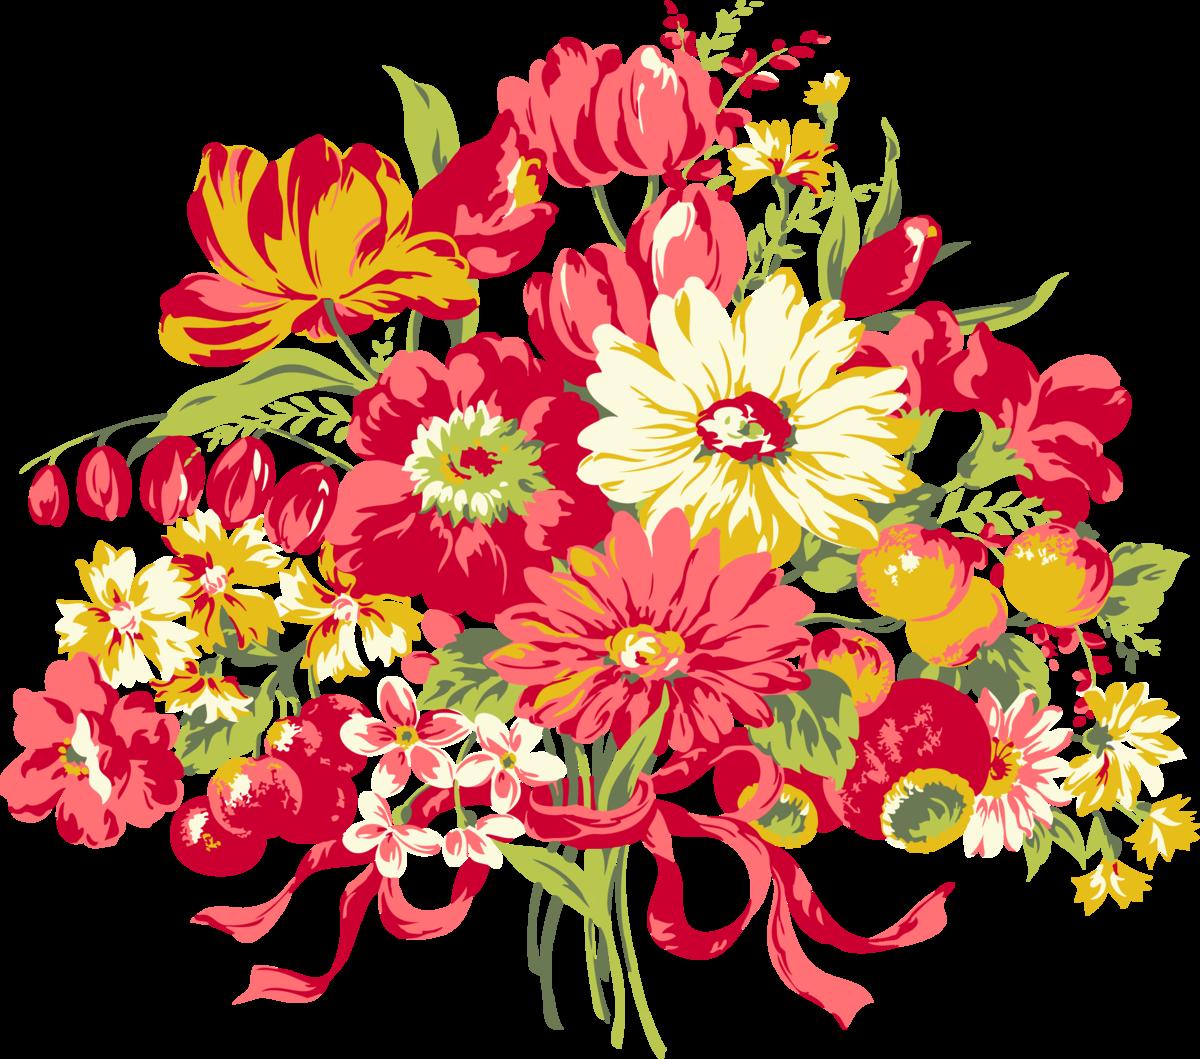 картинки с букетами цветов мультяшные эшли работает